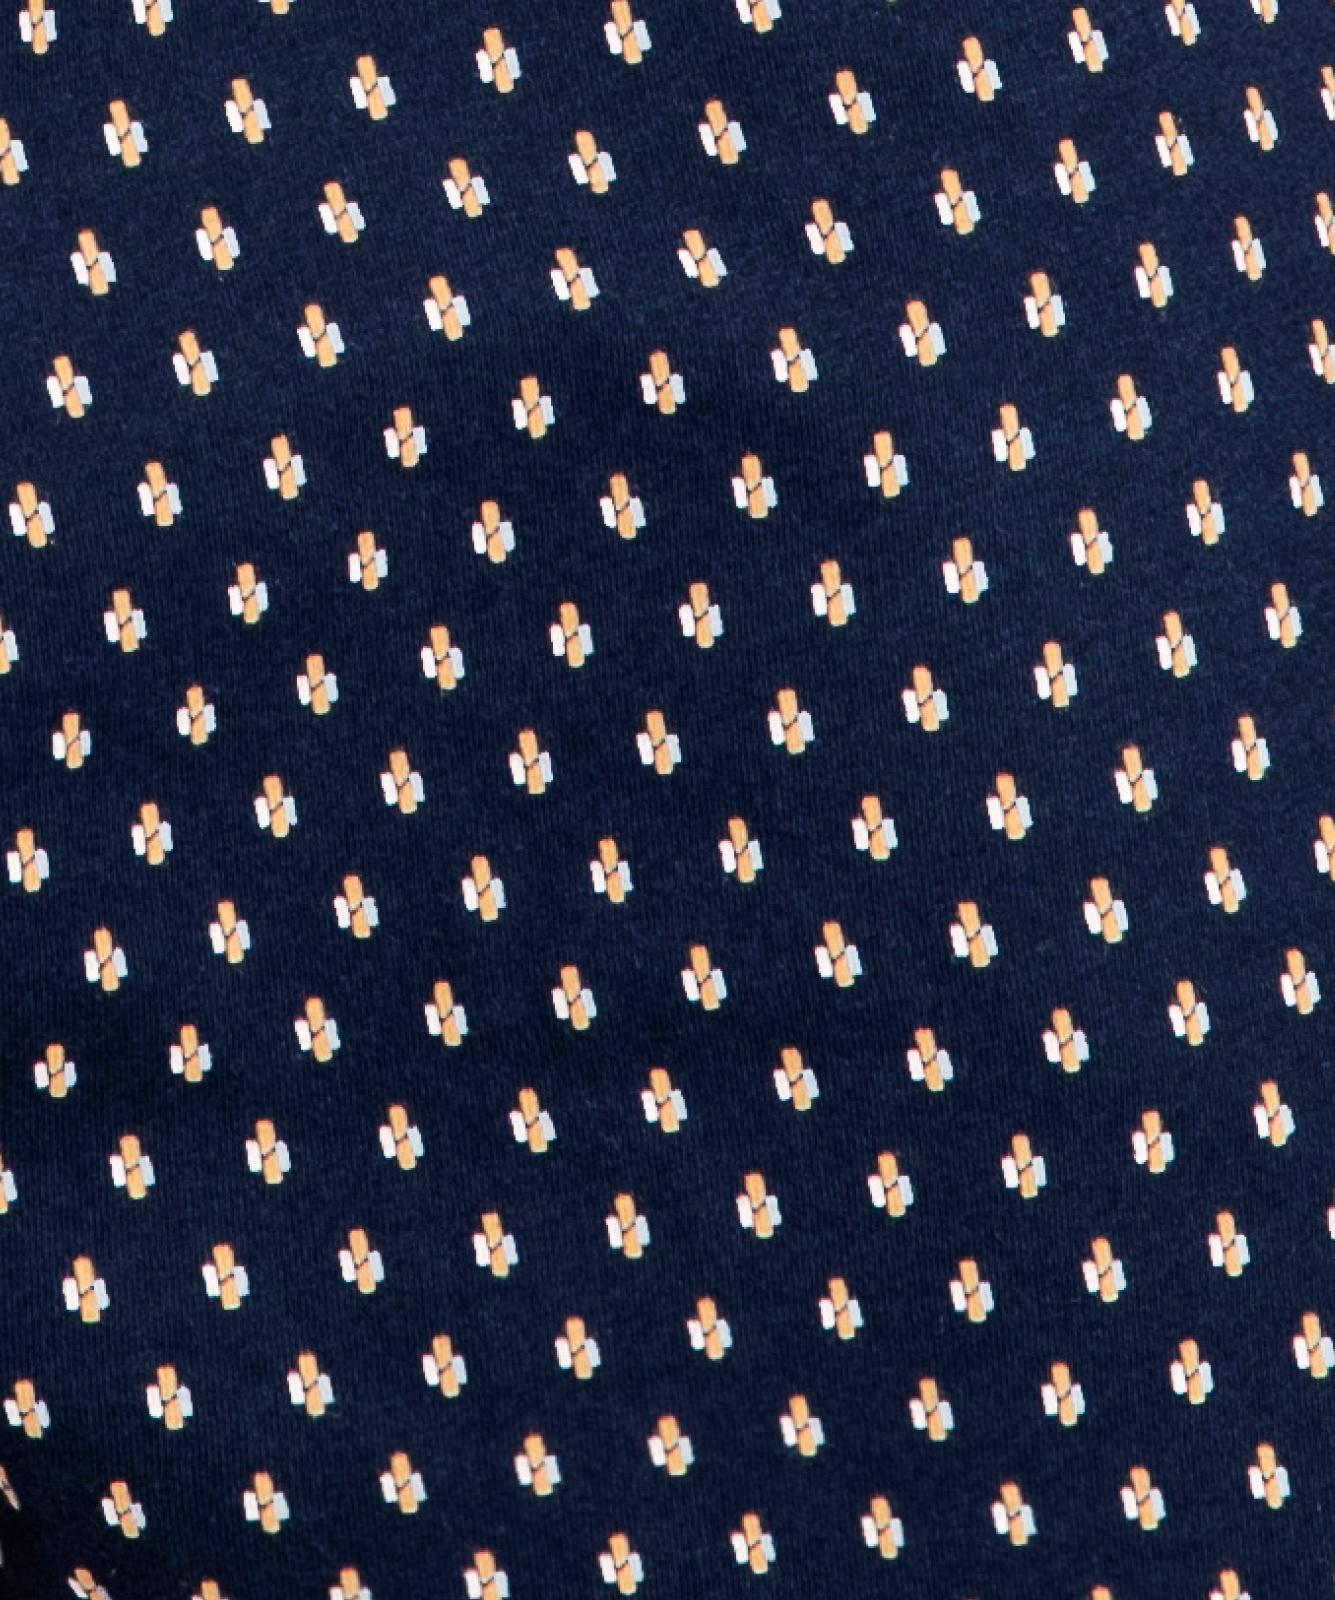 Мужские трусы боксеры Atlantic, набор из 2 шт., хлопок, темно-синие + серый меланж, 2MBX-009